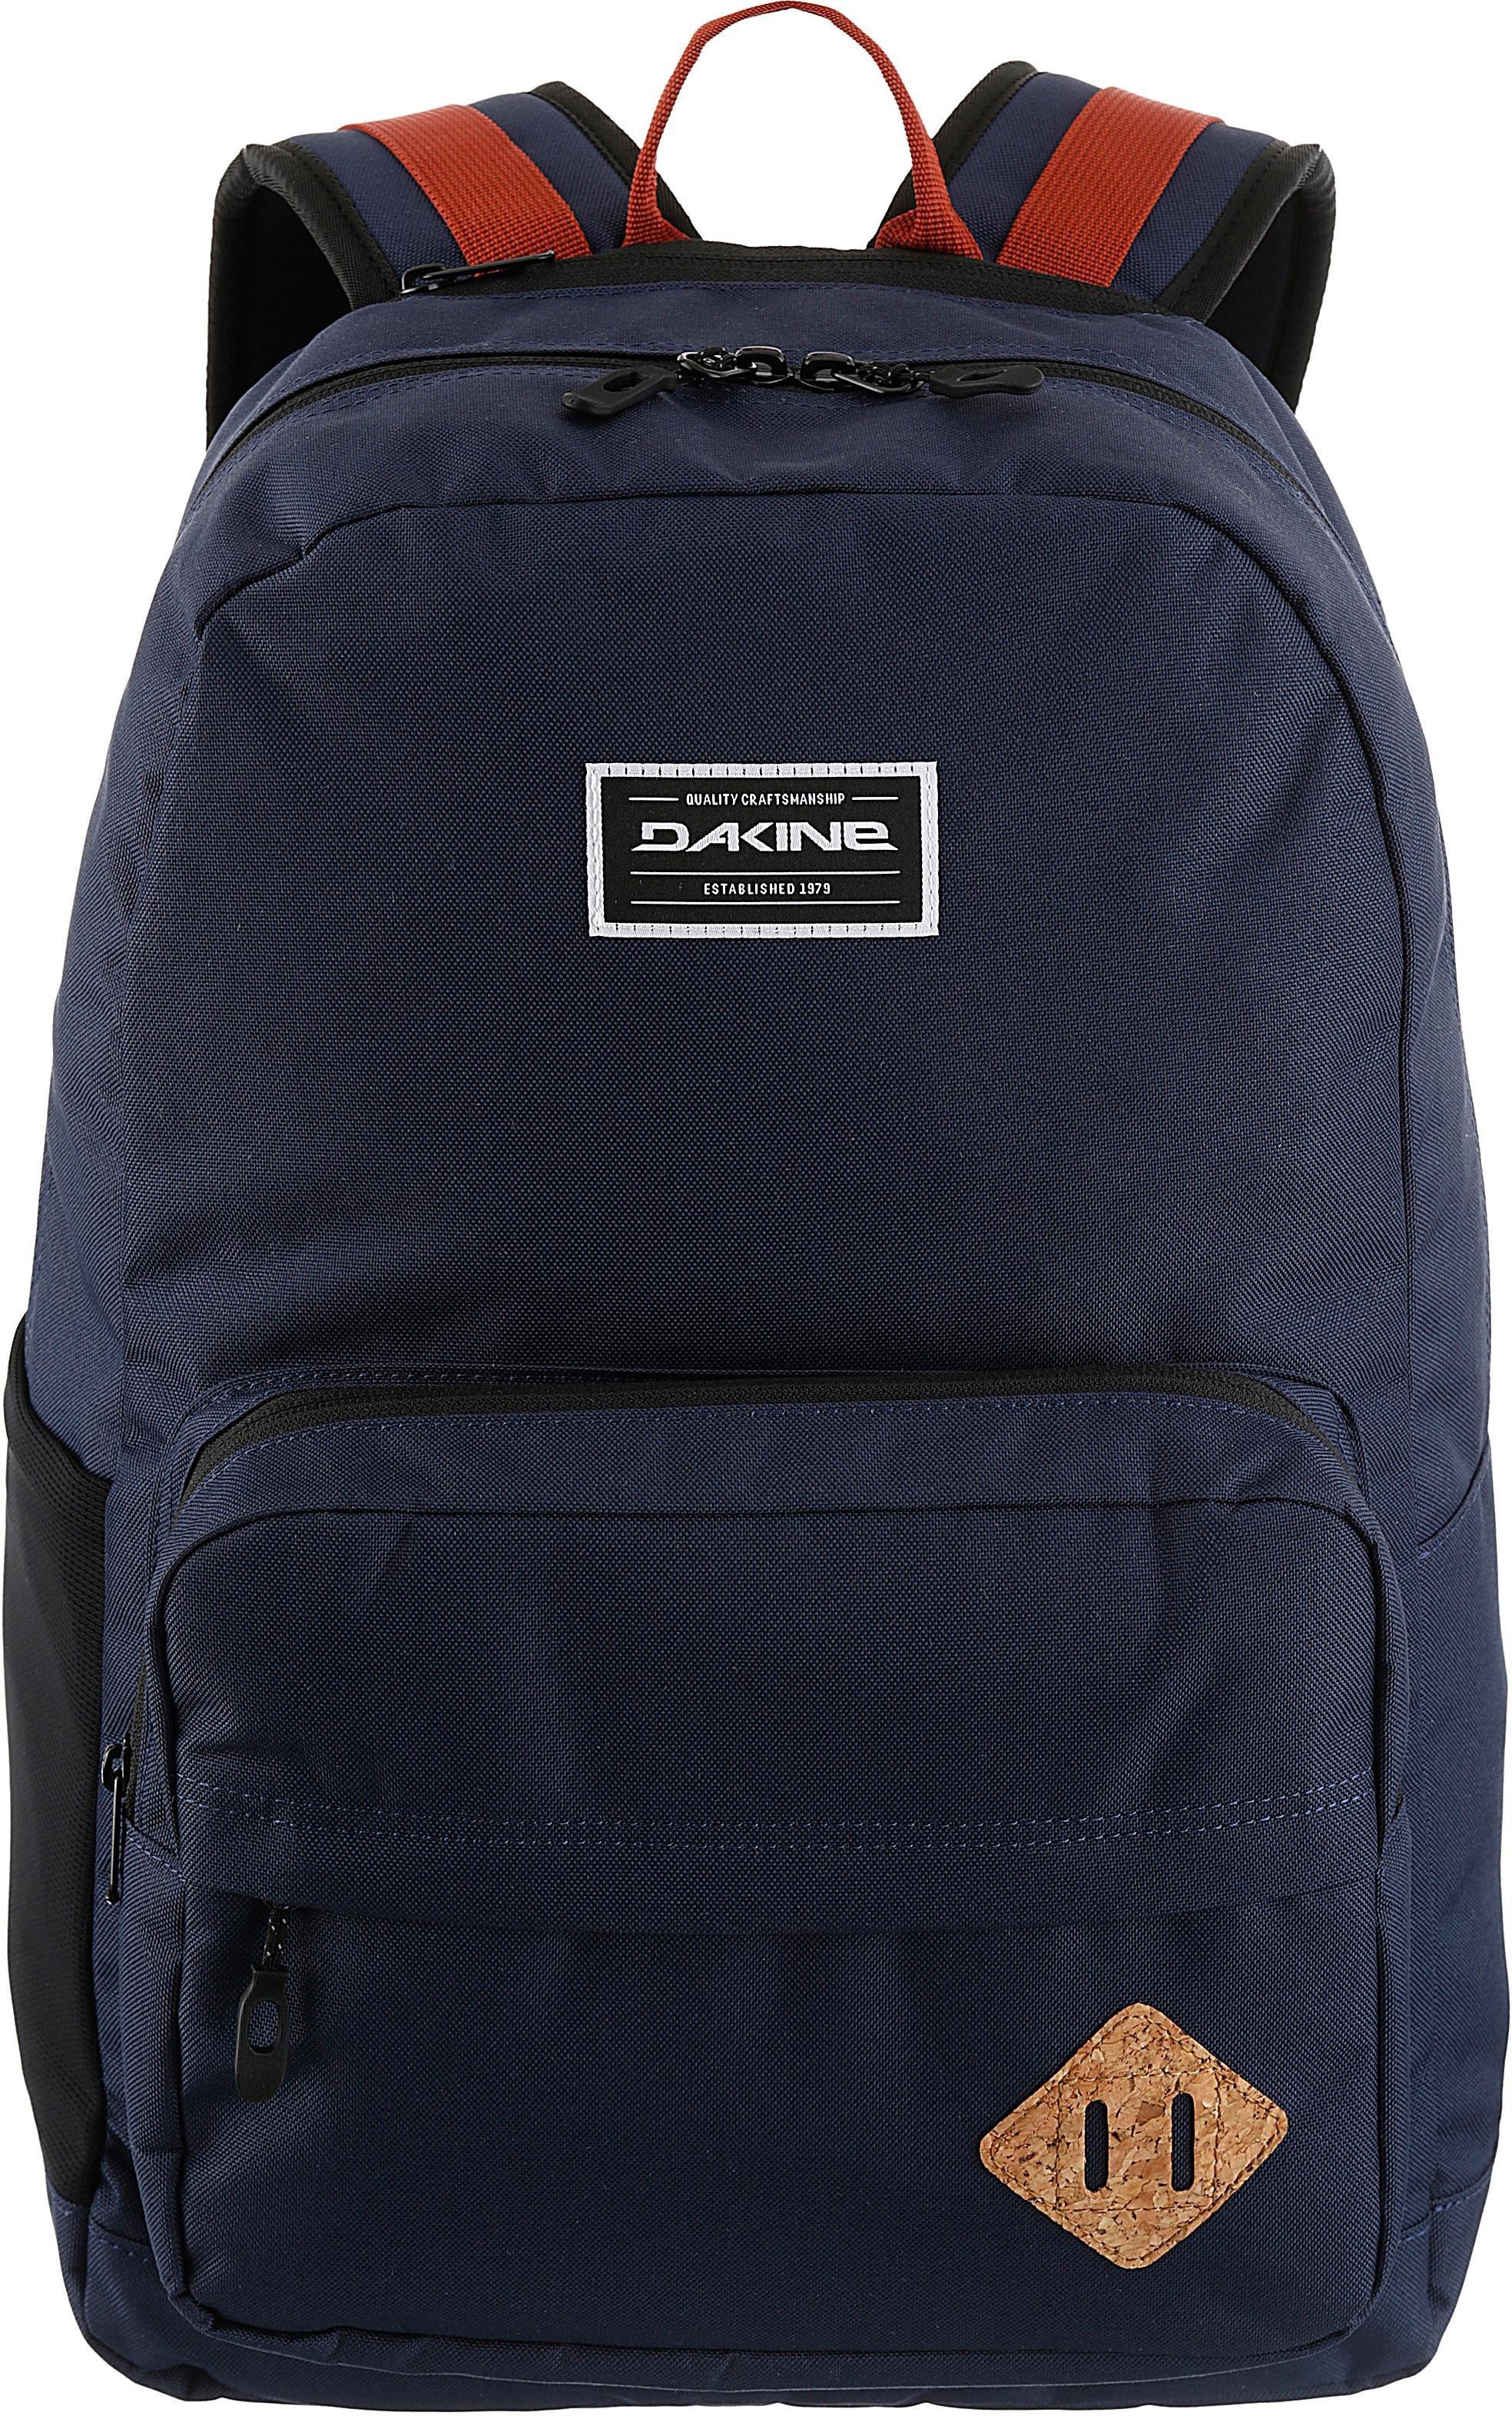 Rucksack mit 15-Zoll Laptopfach, »365 Pack, Dark Navy«